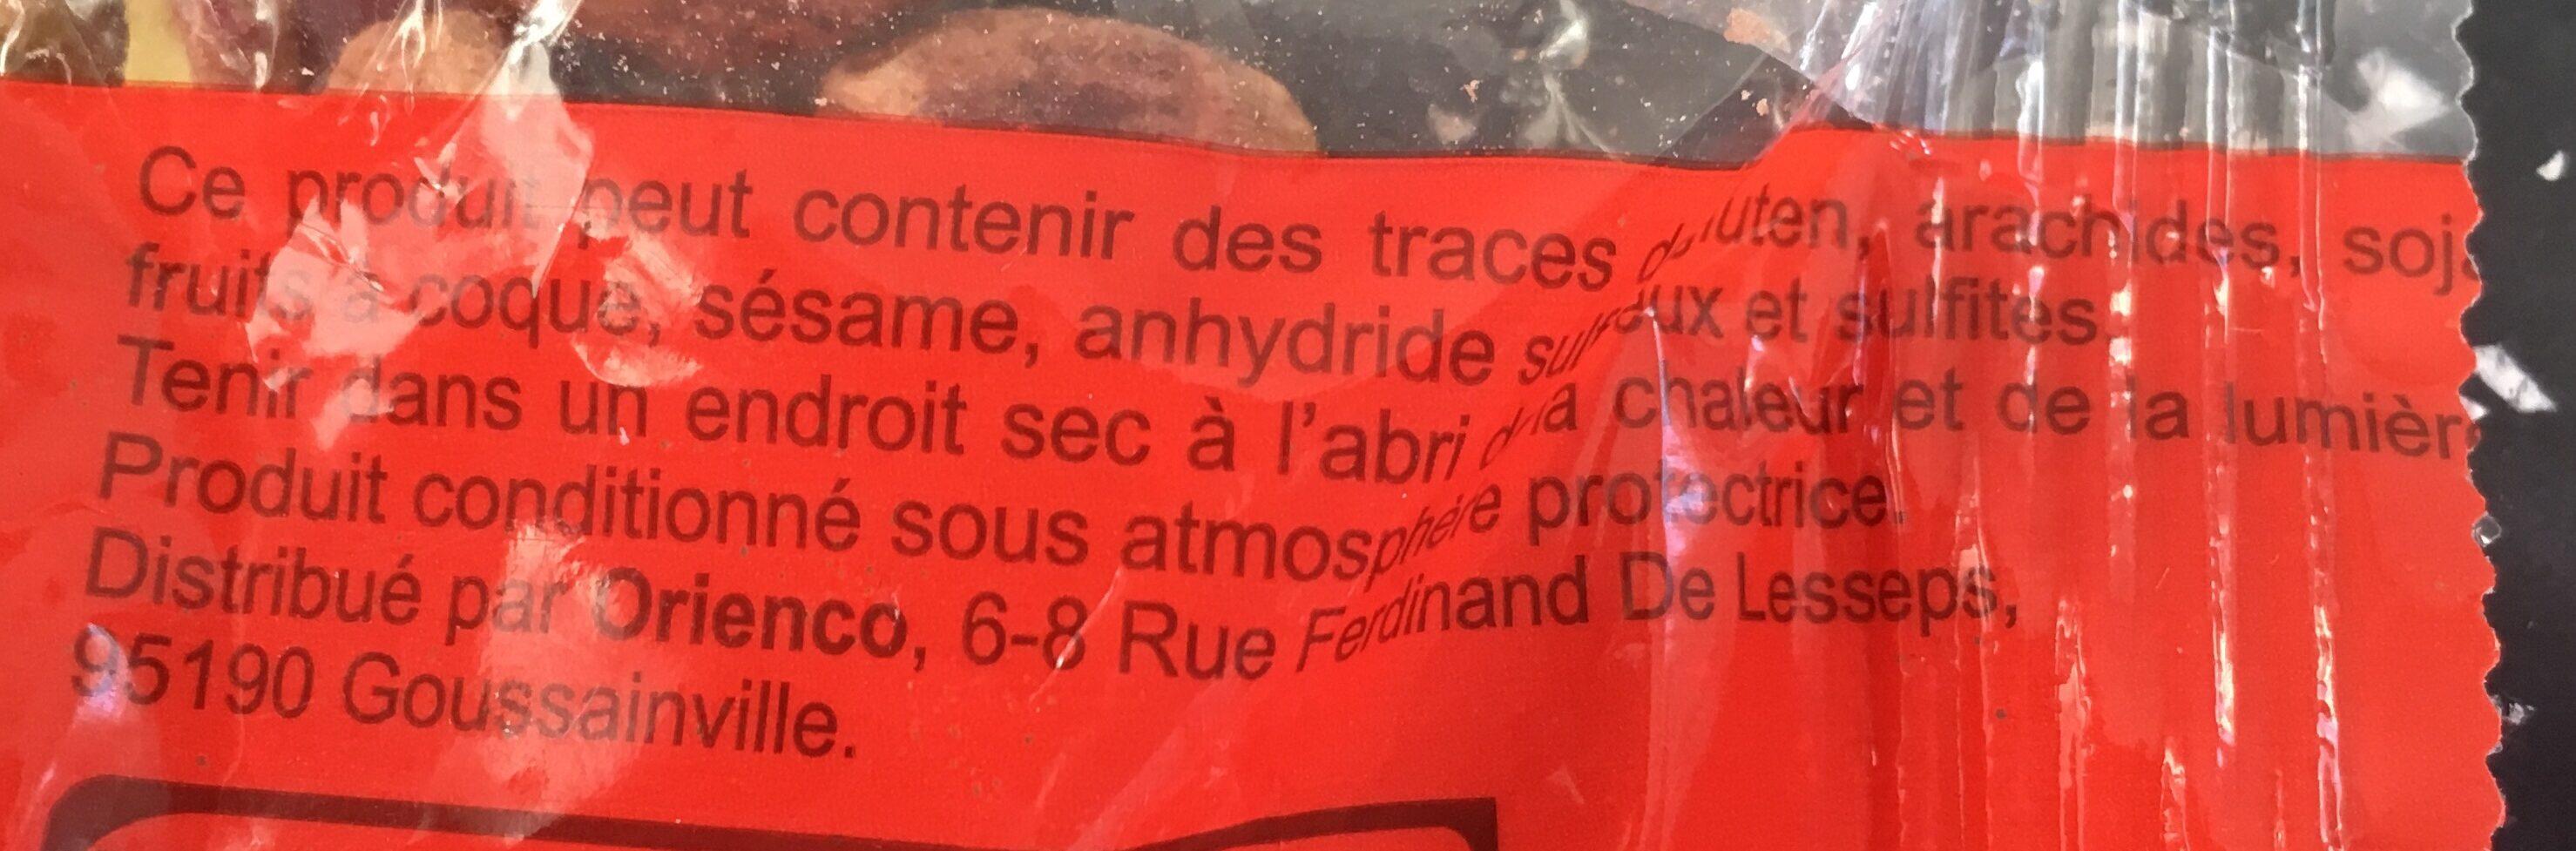 Pistaches crues (non salées) - Ingrédients - fr